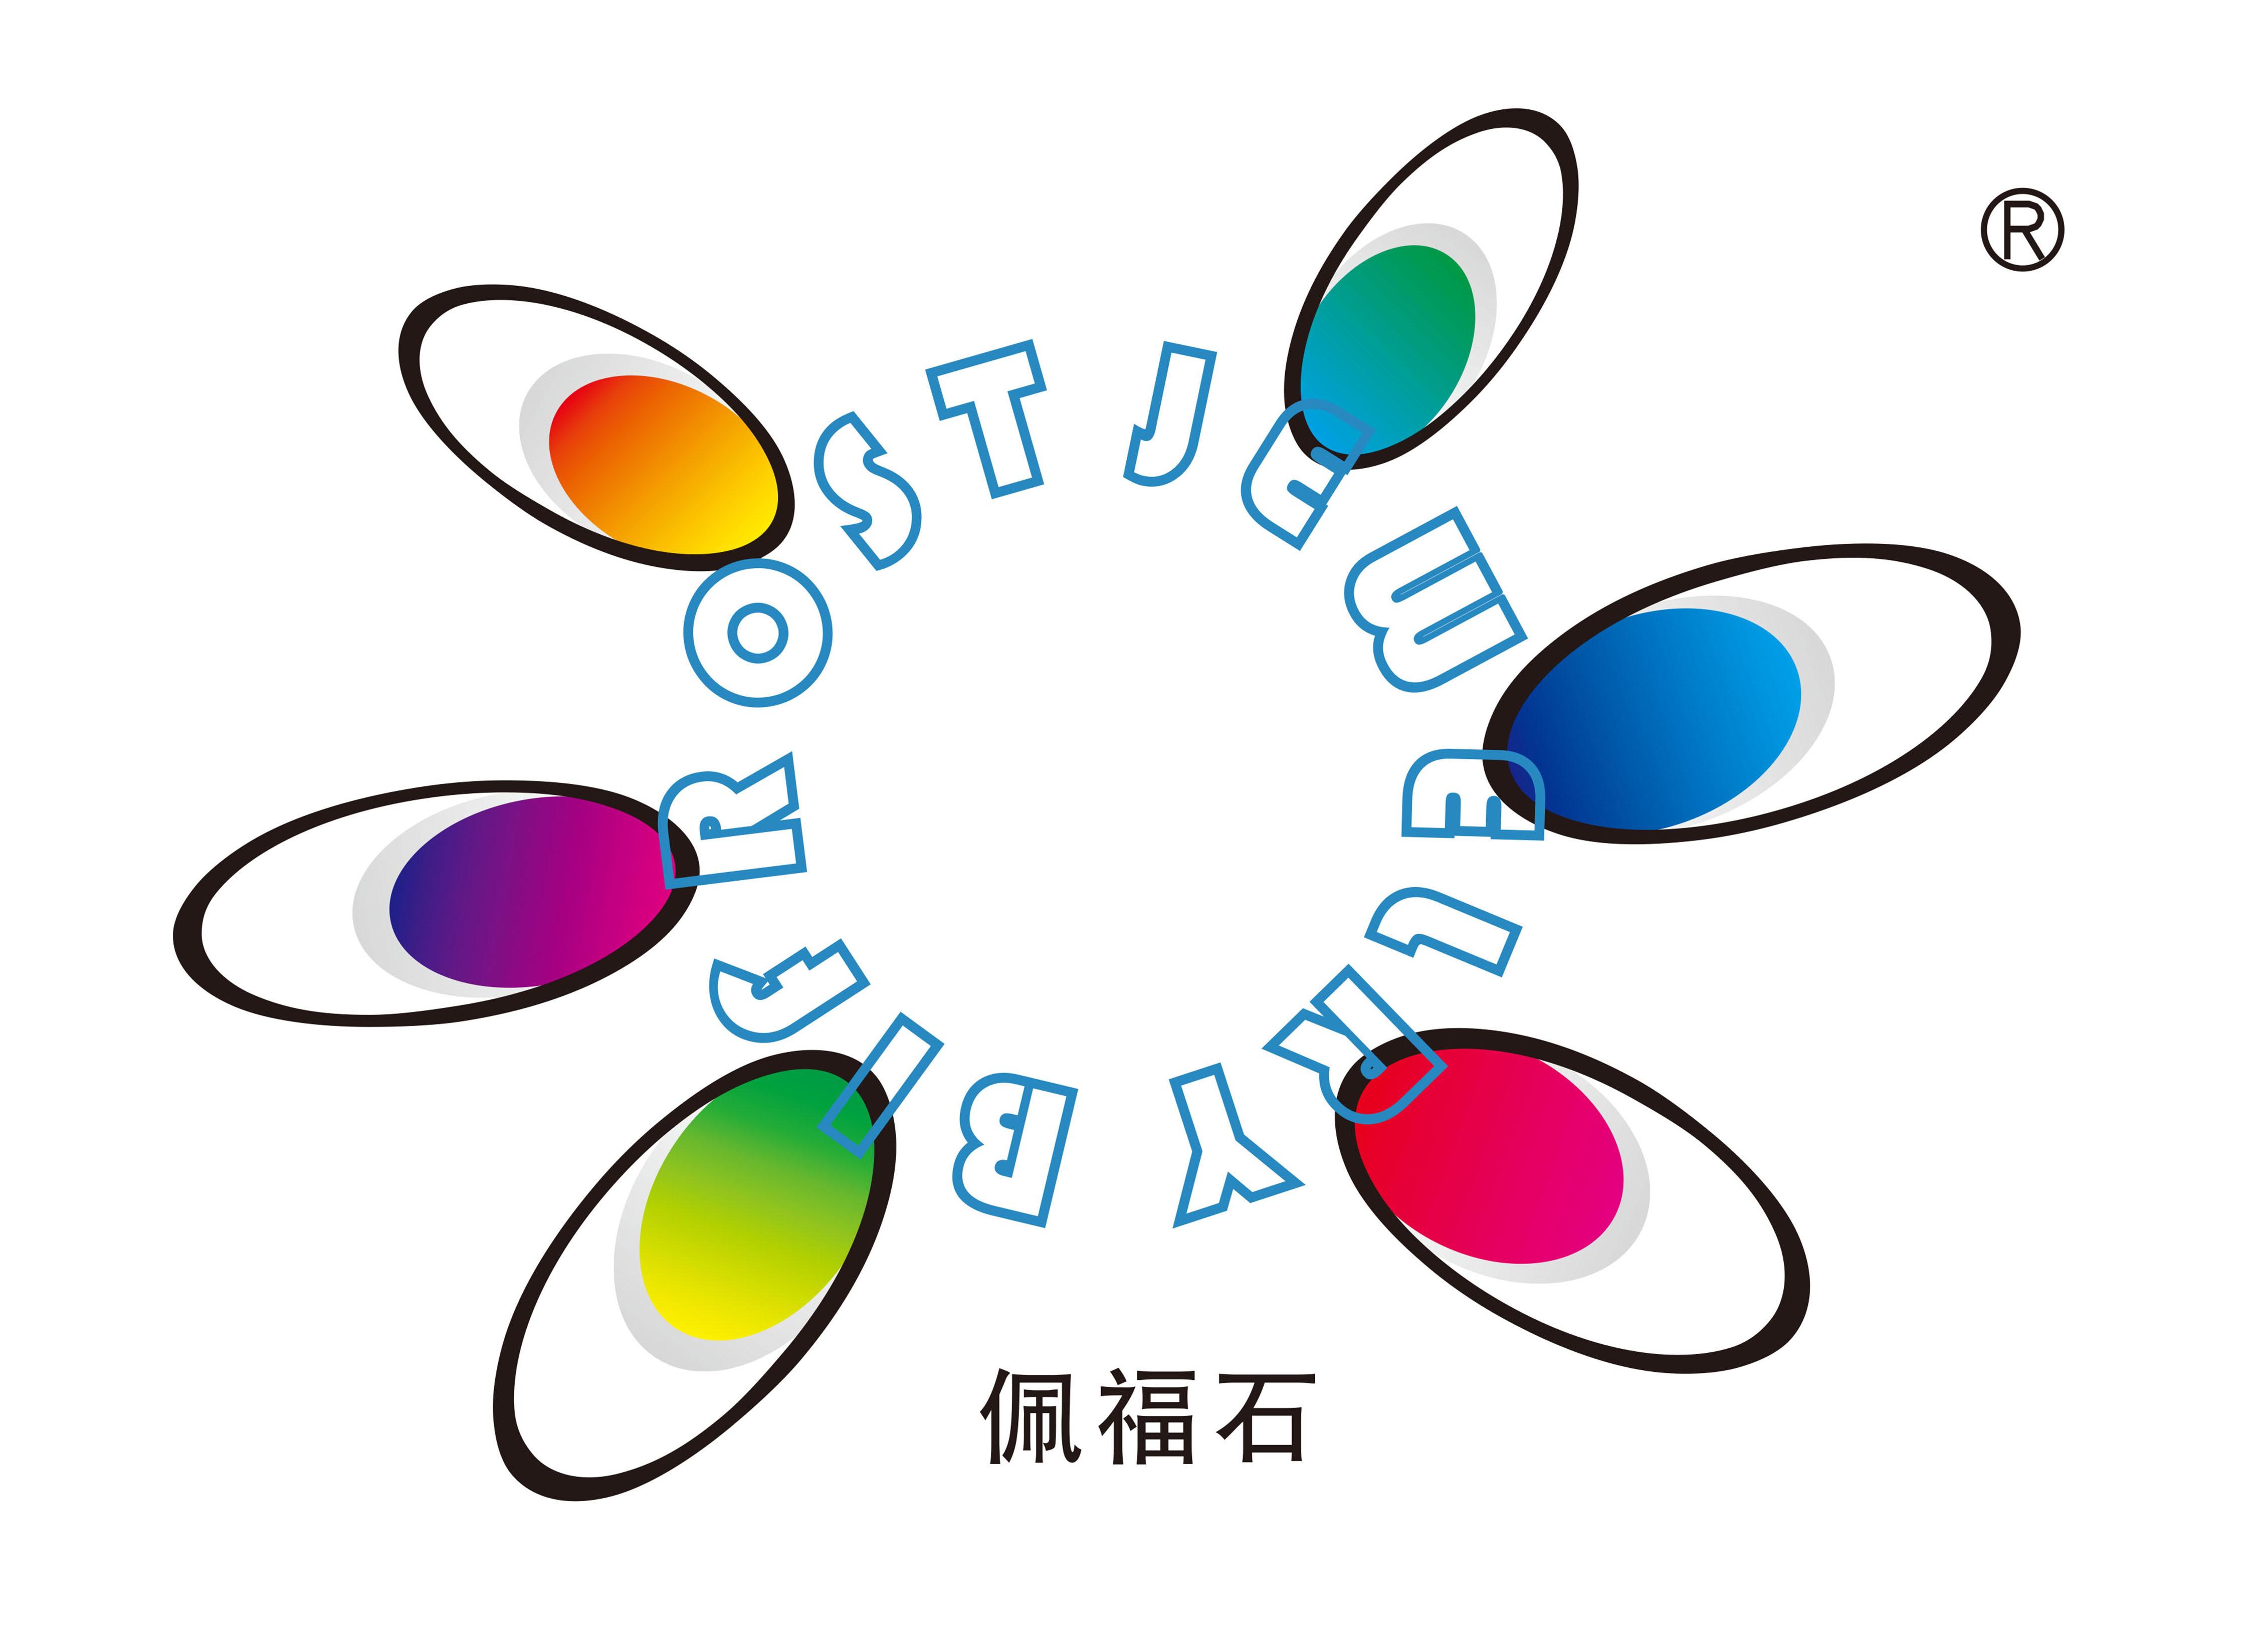 深圳市佩福石珠宝有限公司